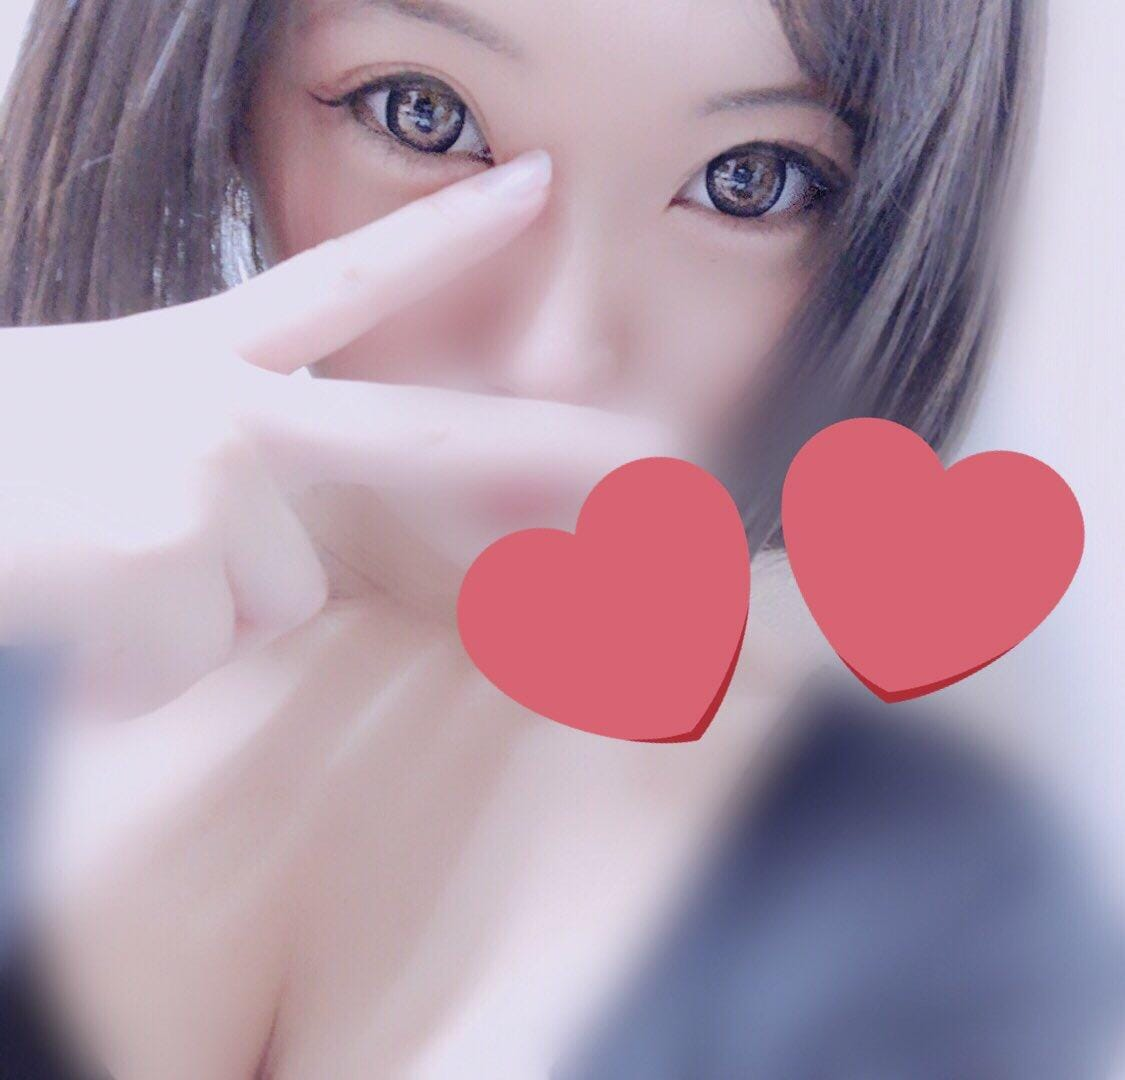 「出勤しました♡」01/19(土) 14:07 | みくの写メ・風俗動画